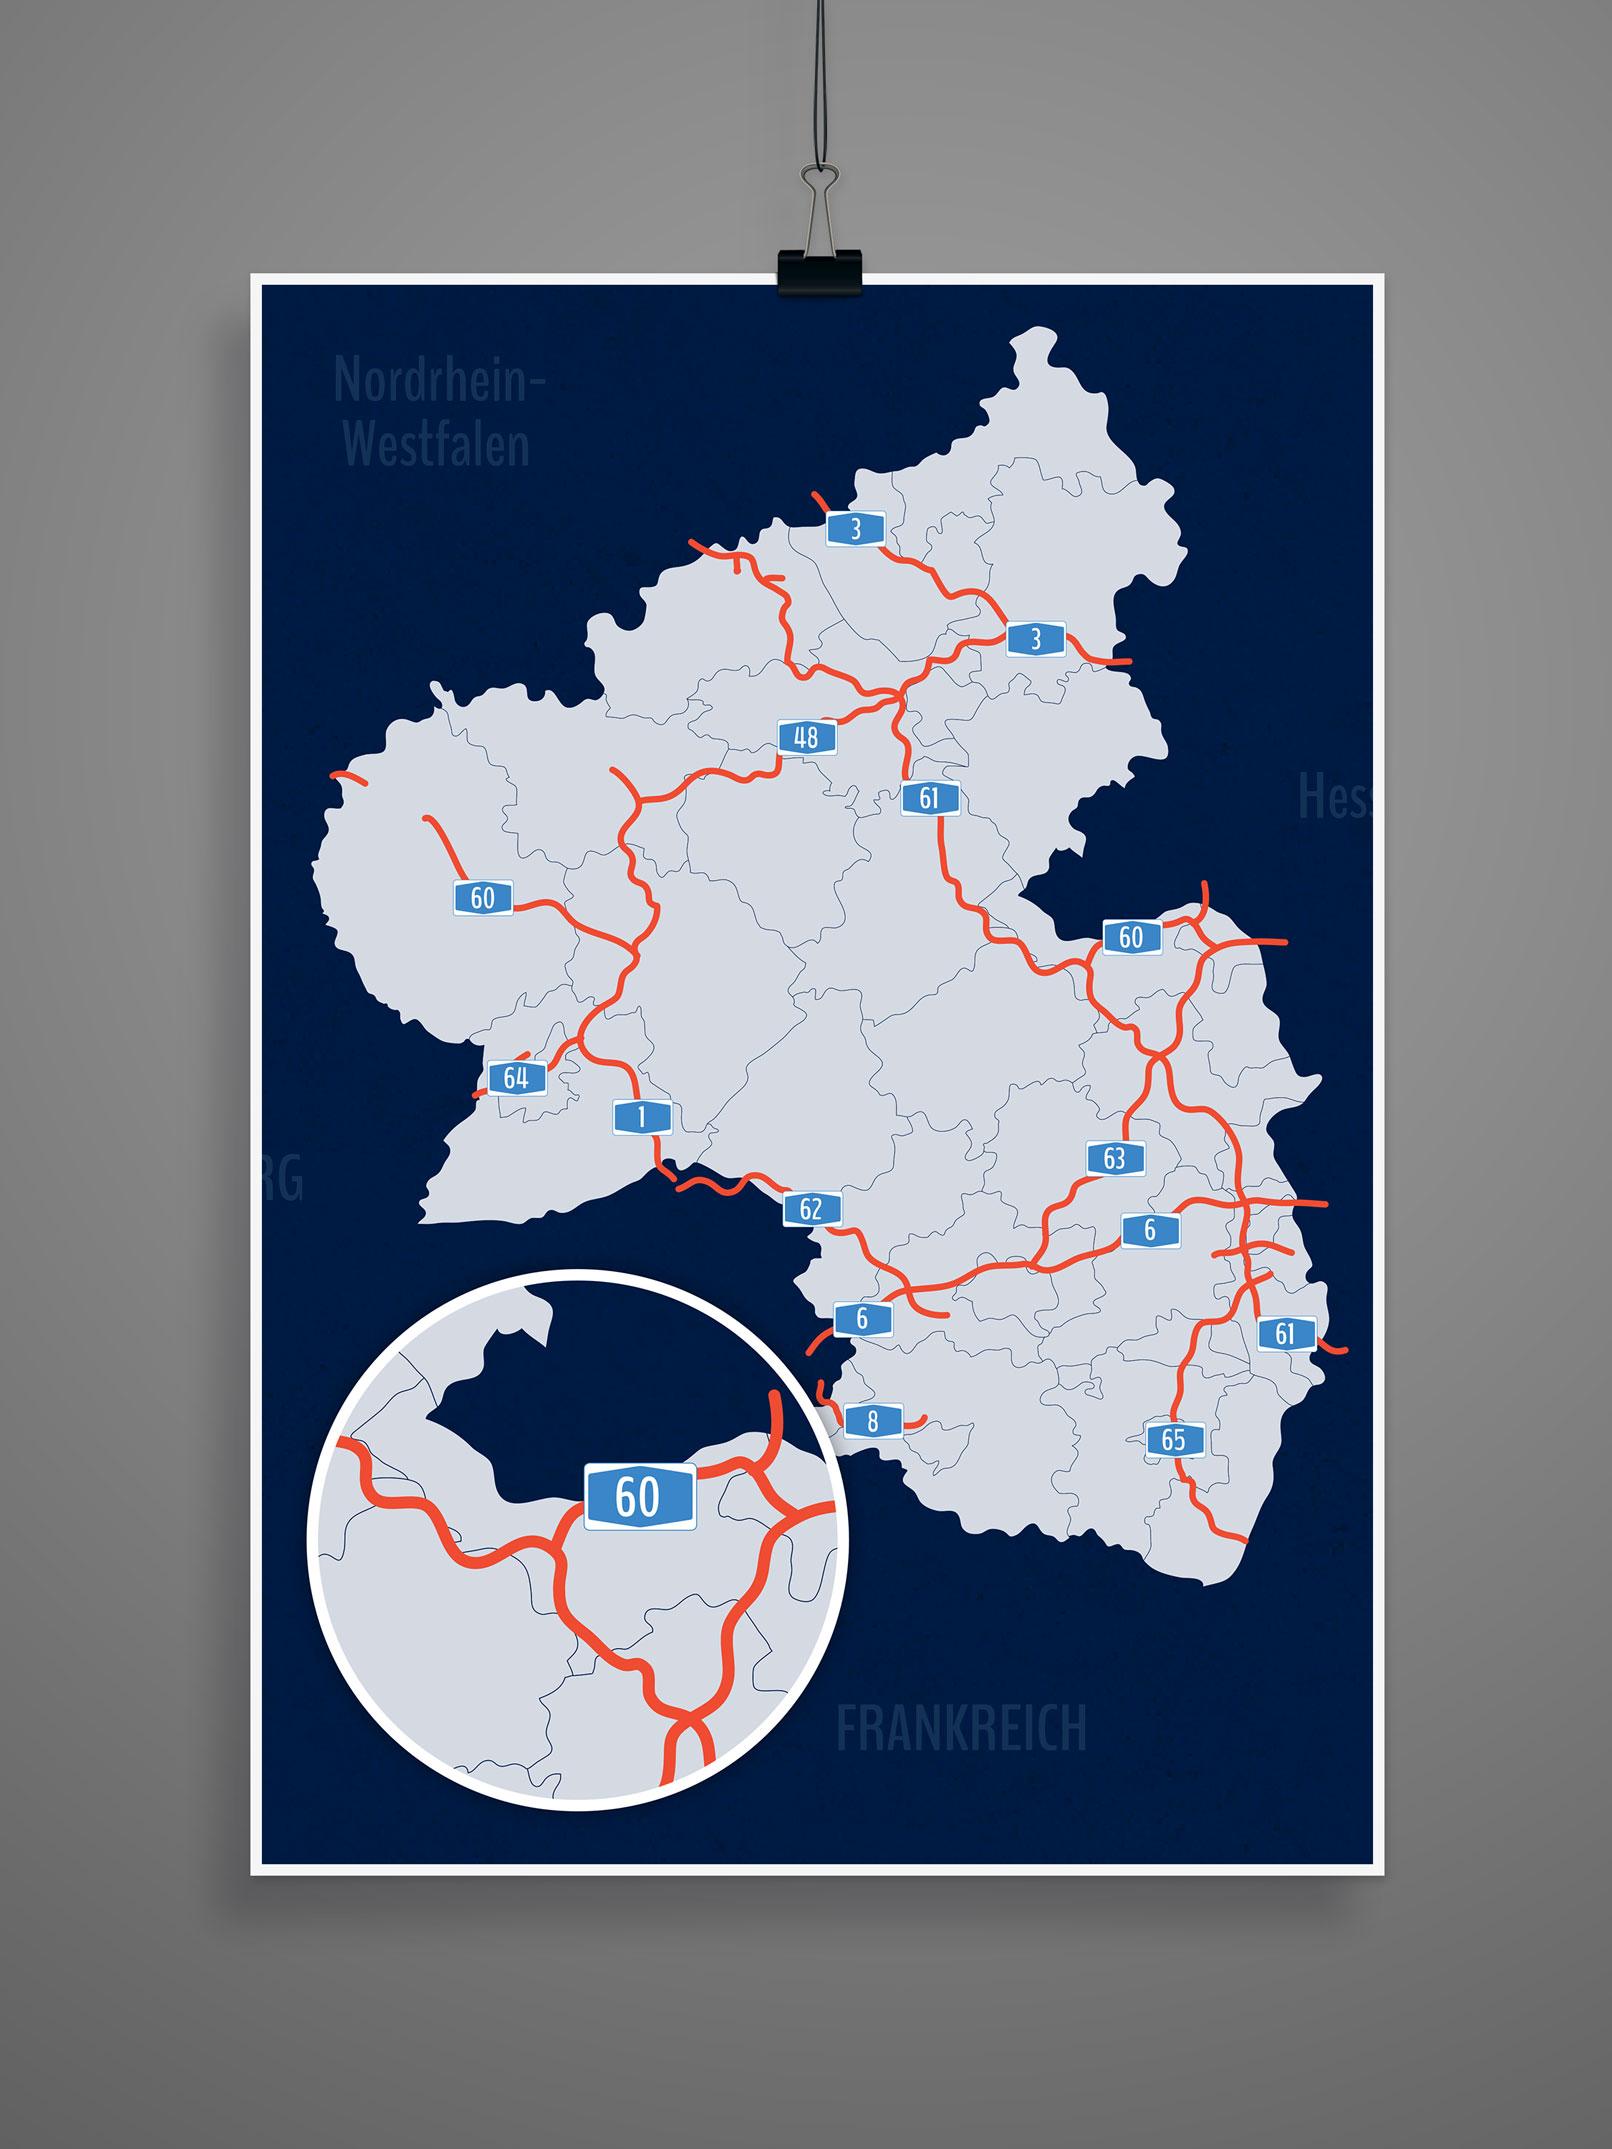 Landkarte von Rheinland-Pfalz mit allen Landkreisen, kreisfreien Städten, inklusive Autobahnen